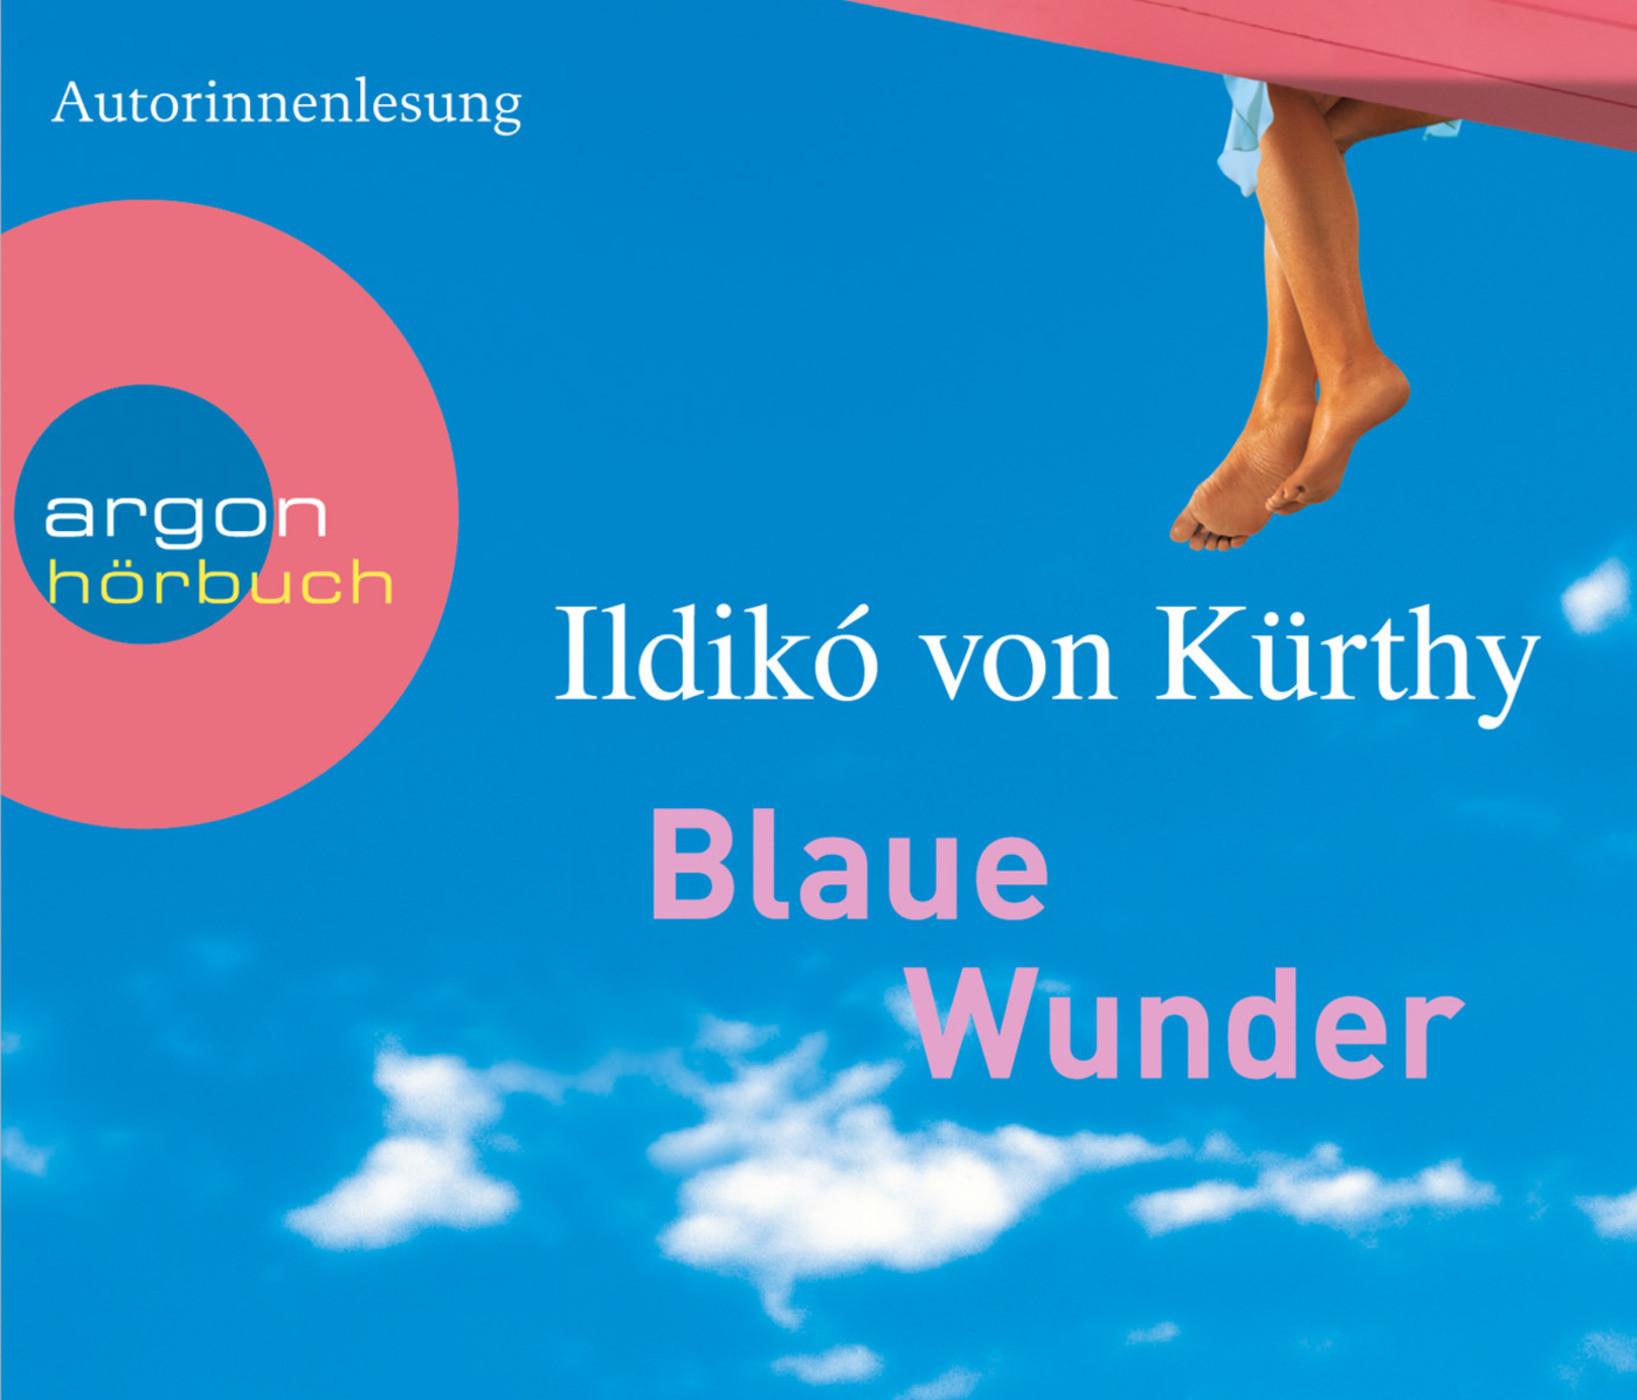 Ildikó von Kürthy - Blaue Wunder